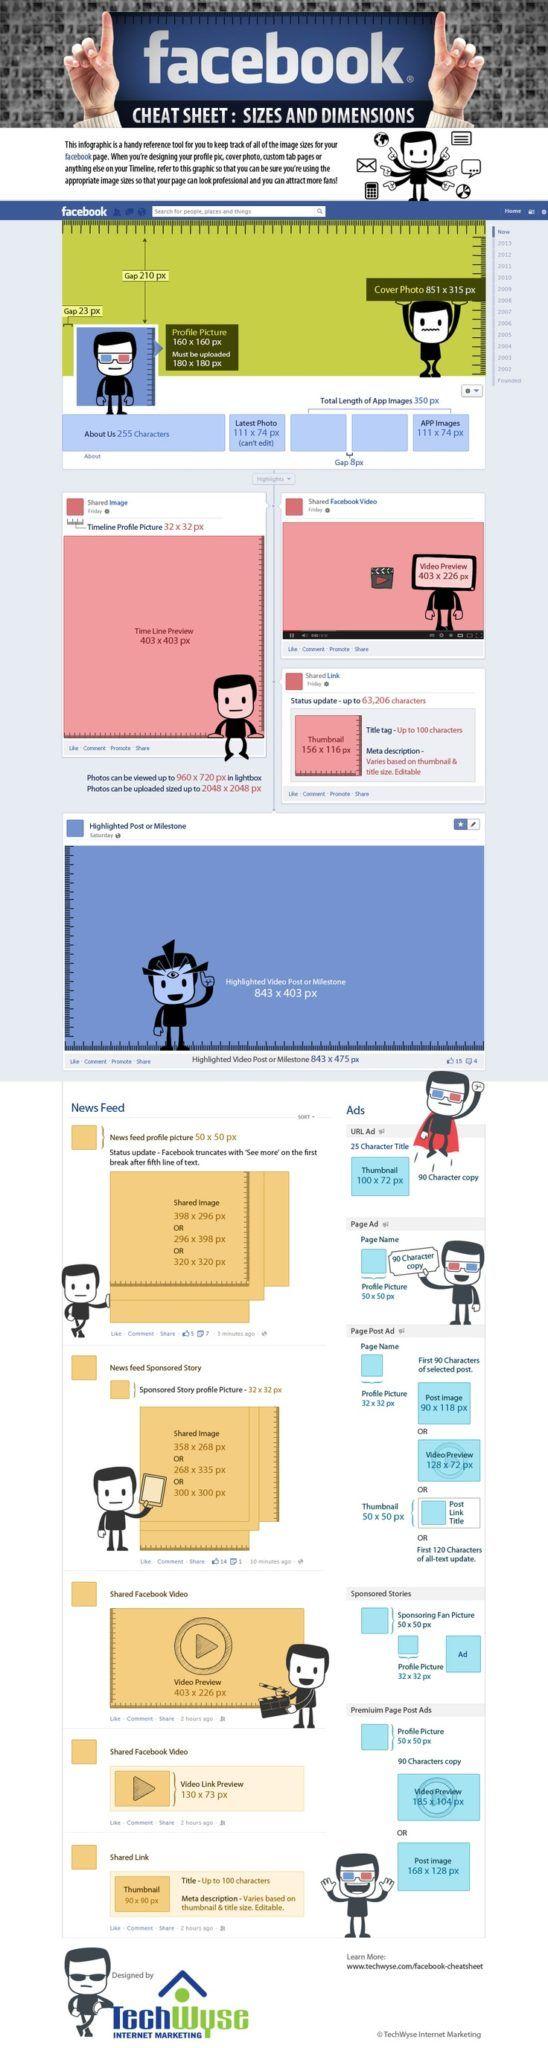 medidas_imagenes_facebook_disenosocial